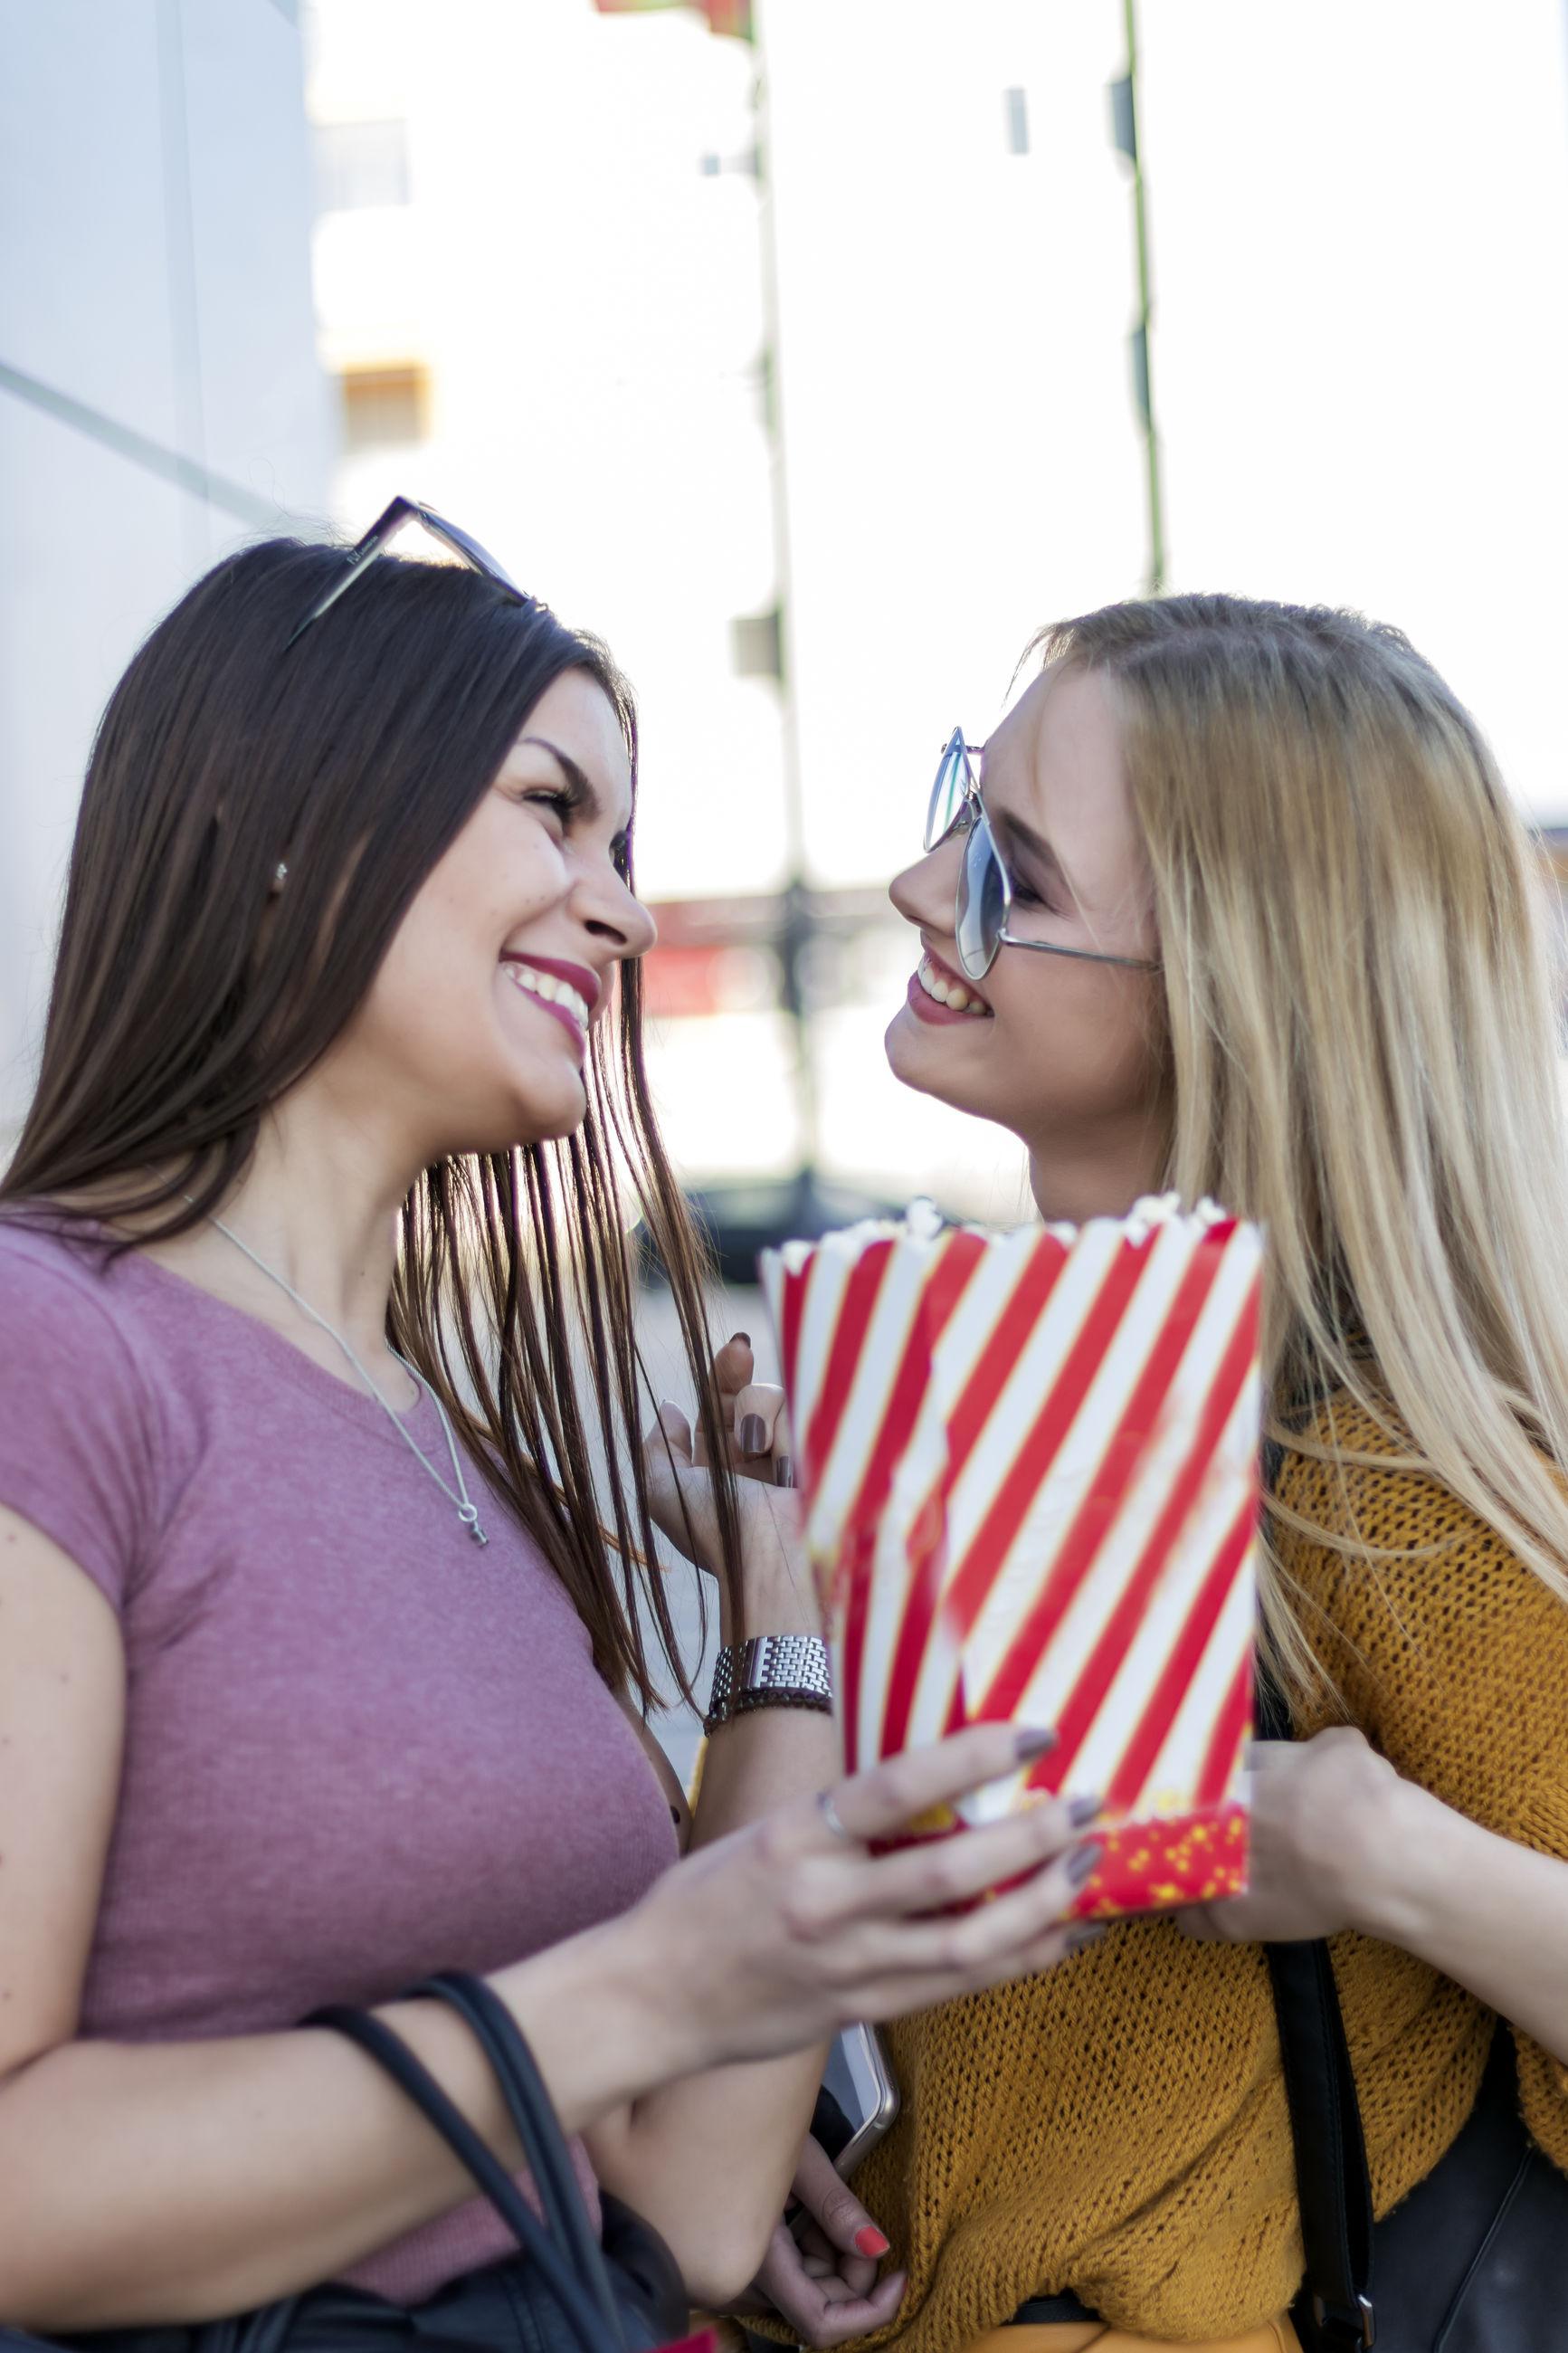 Smiling friends having popcorn in city